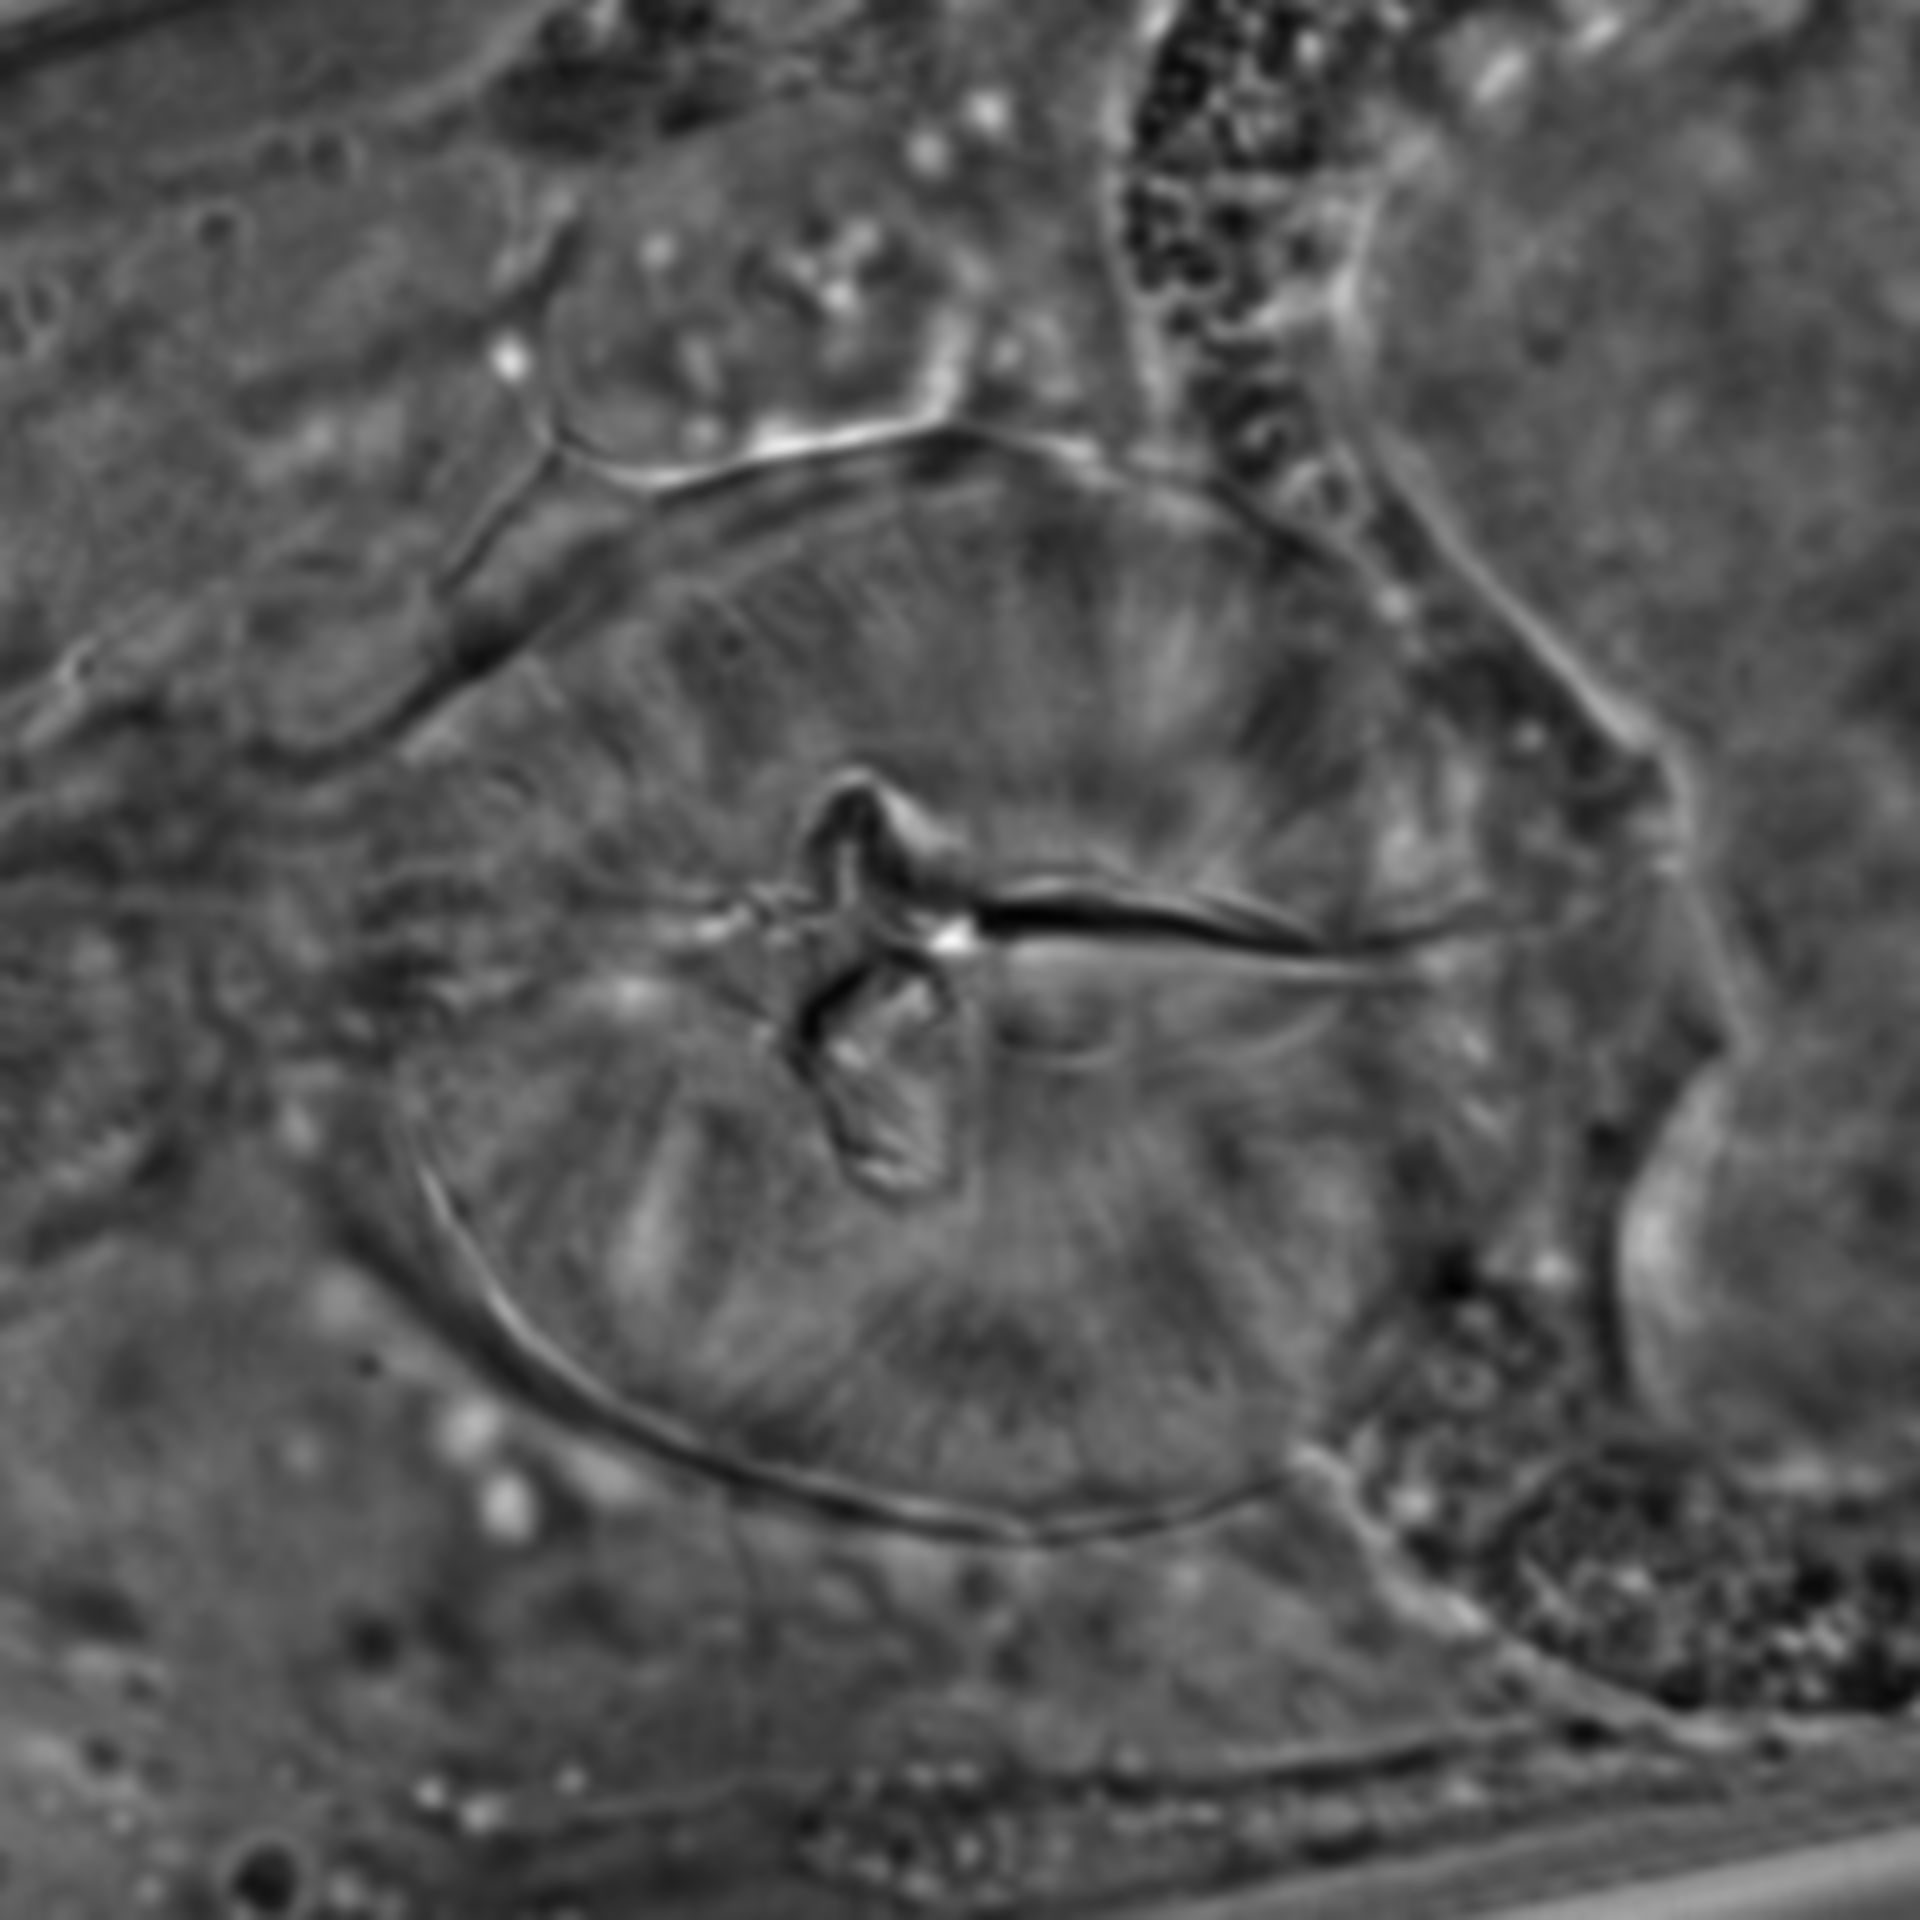 Caenorhabditis elegans - CIL:1632